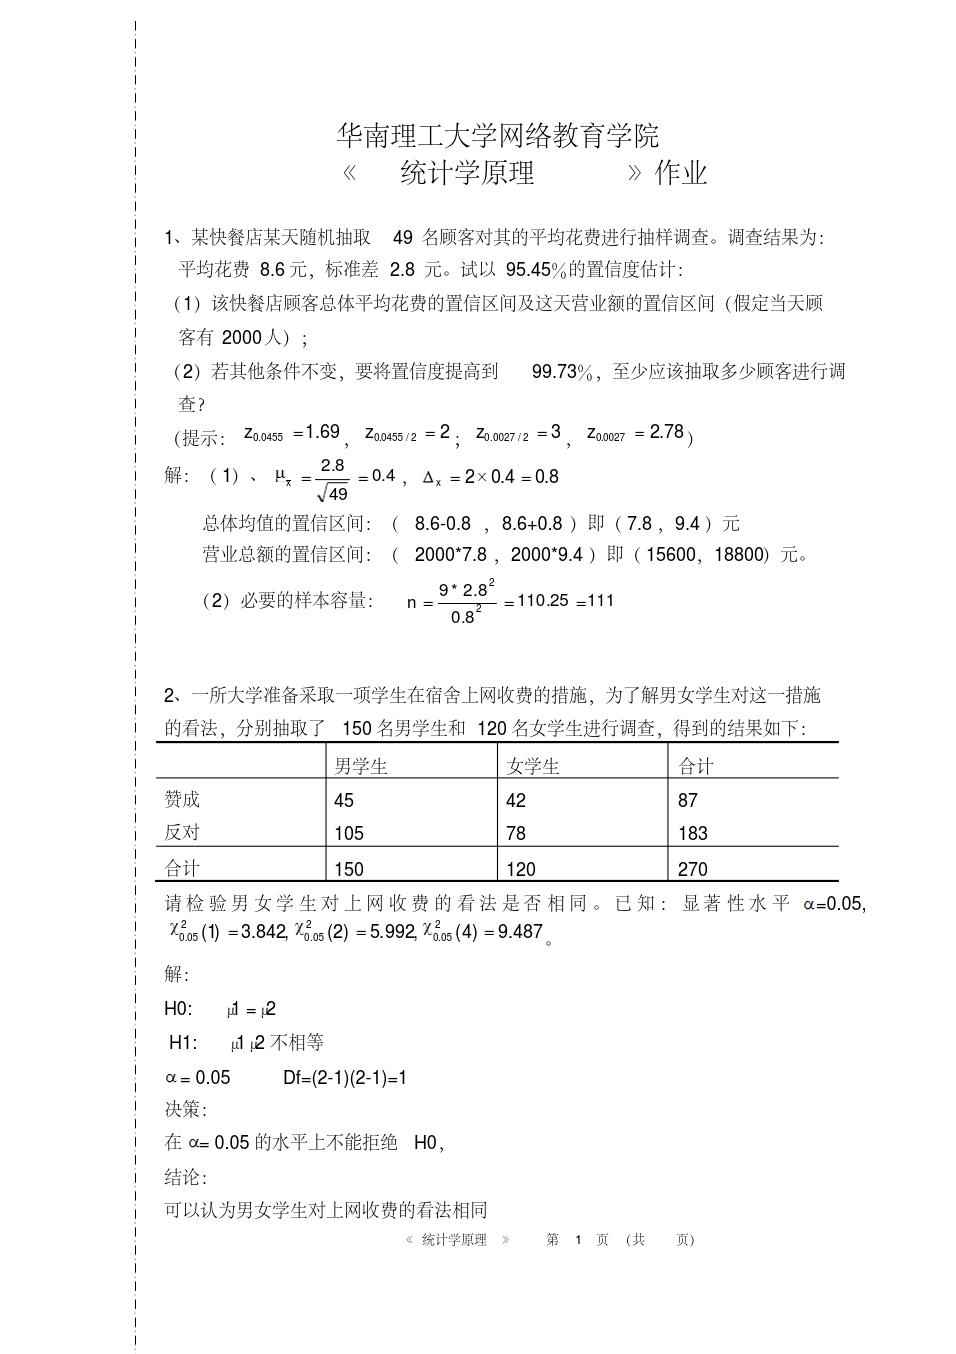 华南理工大学网络教育学院《统计学原理》作业答案16春